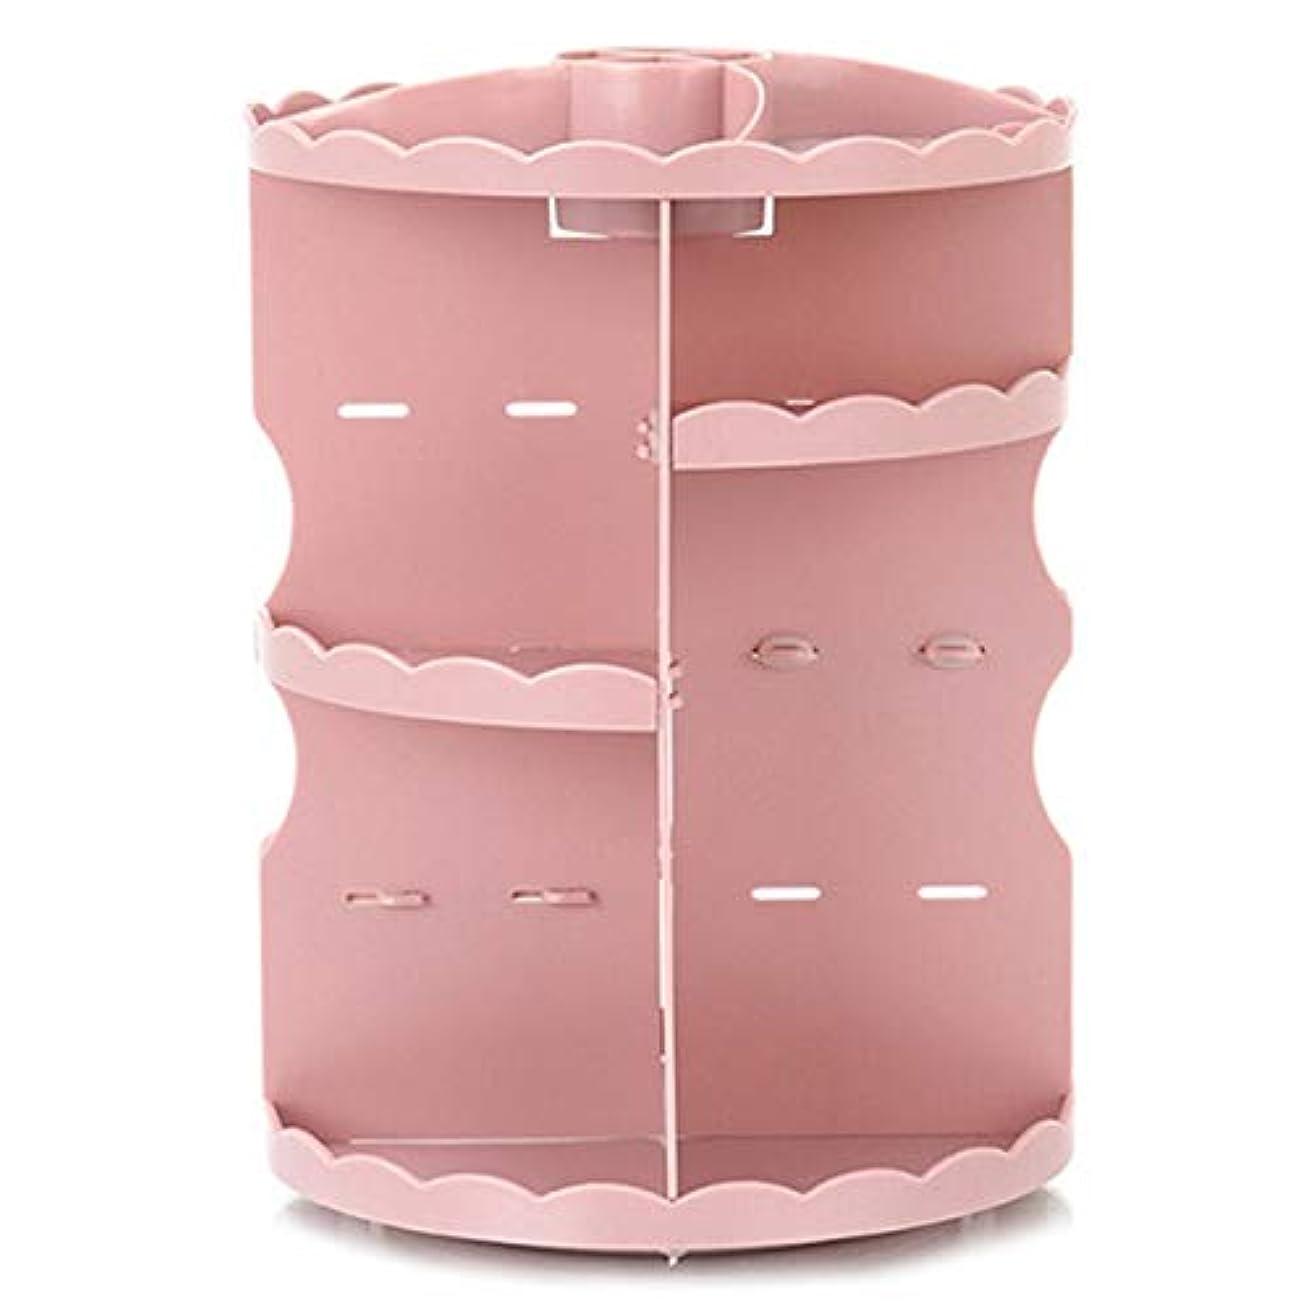 月曜日谷任命するTOOGOO 360度回転化粧オーガナイザー、調整可能な多機能化粧品収納ユニット、さまざまなタイプの化粧品とアクセサリーに対応 ピンク